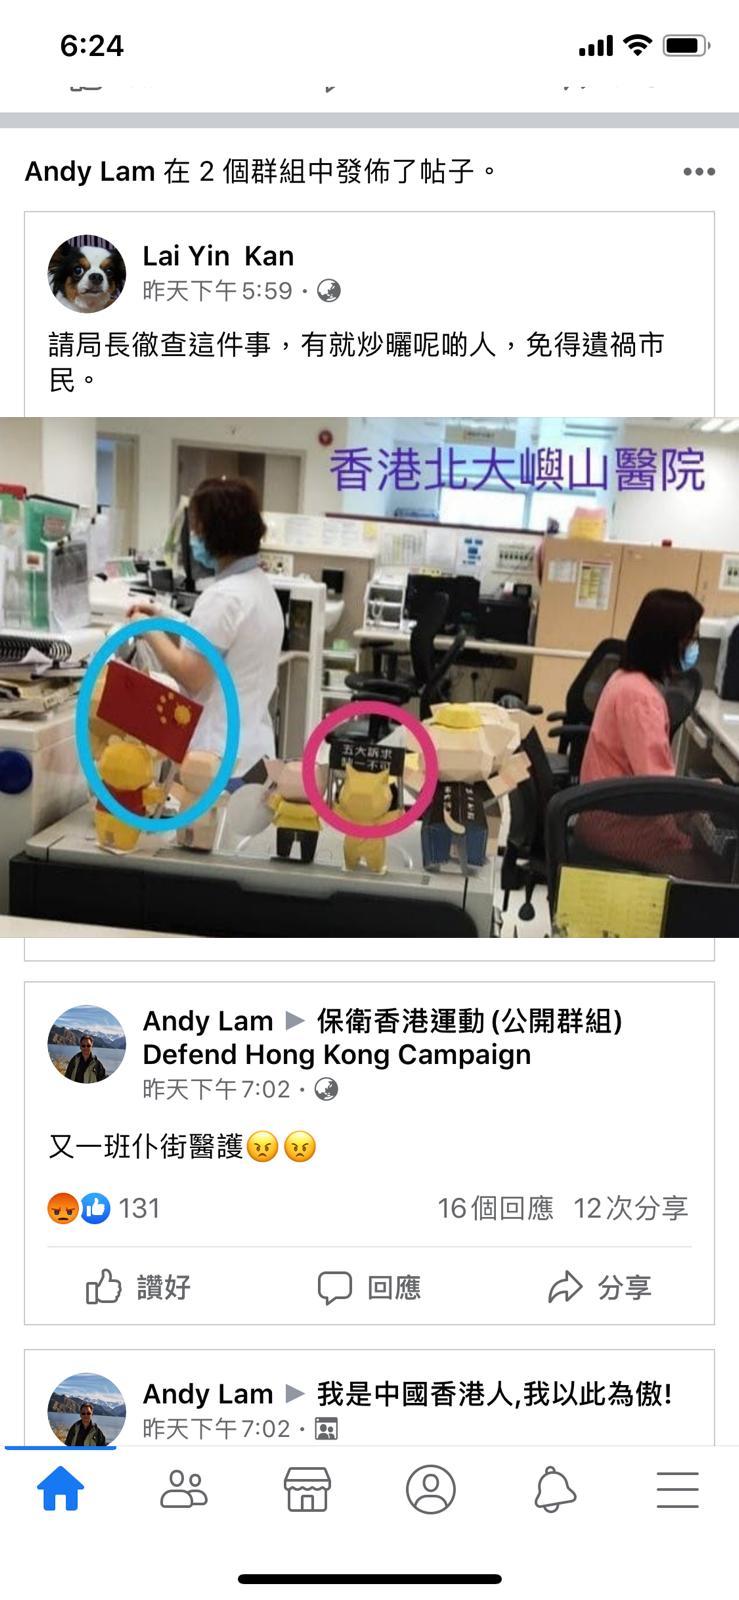 網傳香港公立醫院多處聲援黑衣暴徒,有受訪市民表示擔心因政治立場而受到不專業對待(網上平台資料圖)